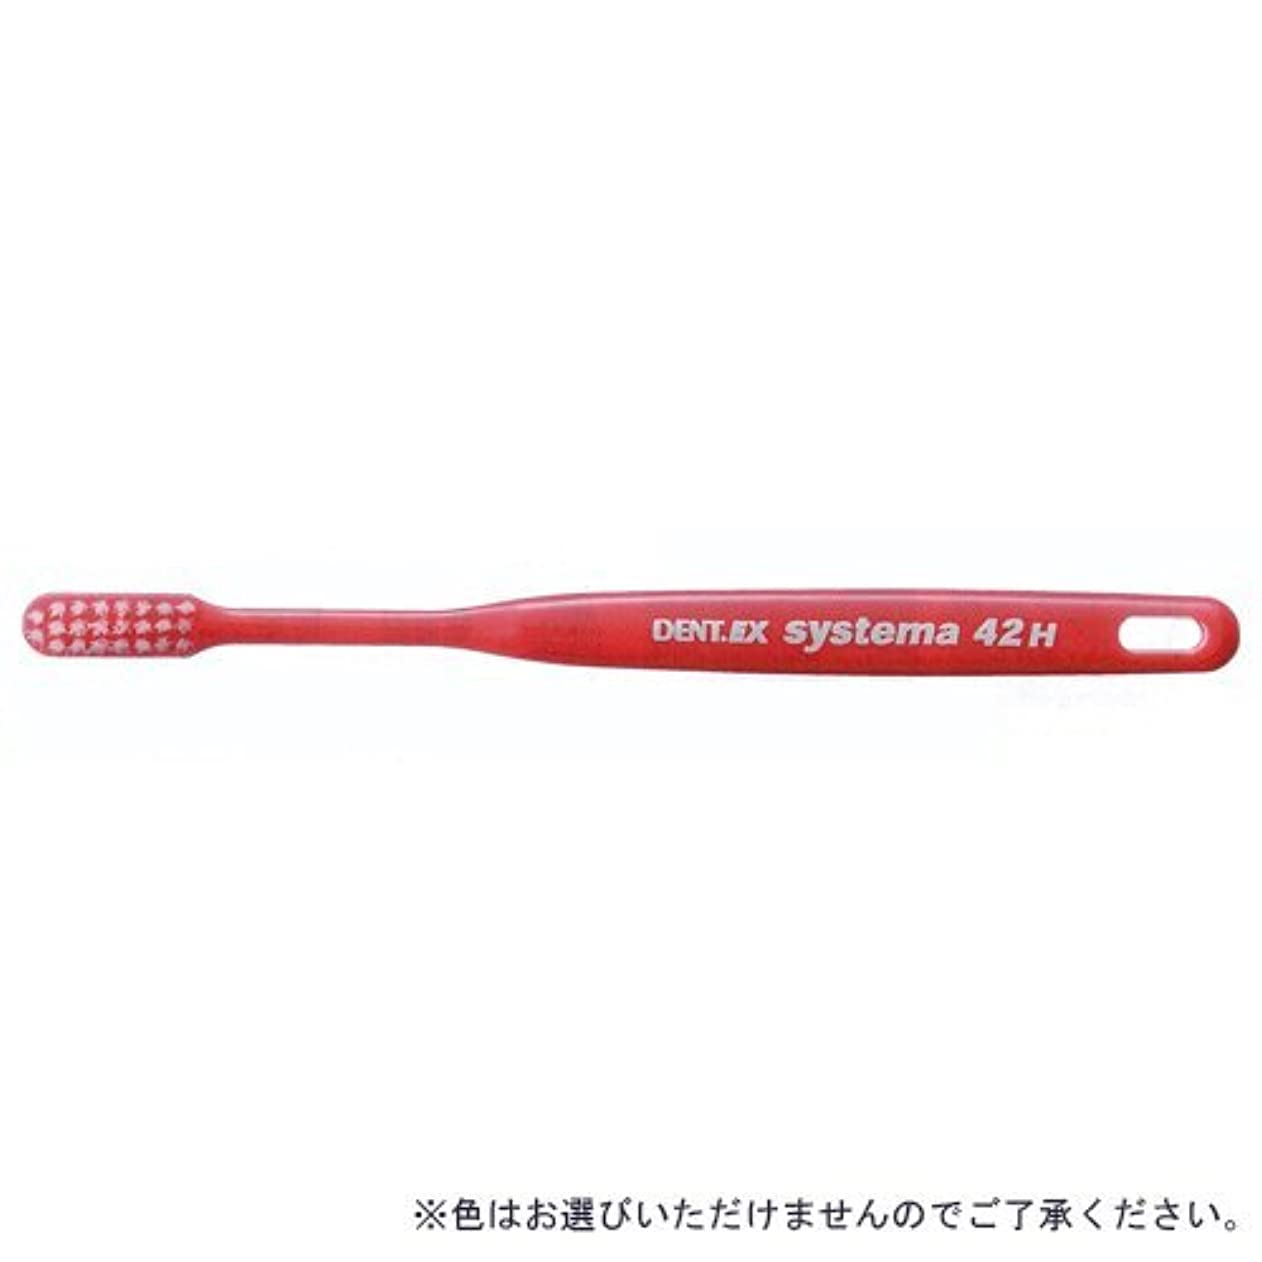 管理するポジティブカメラライオン DENT.EX システマ 42H(かため)